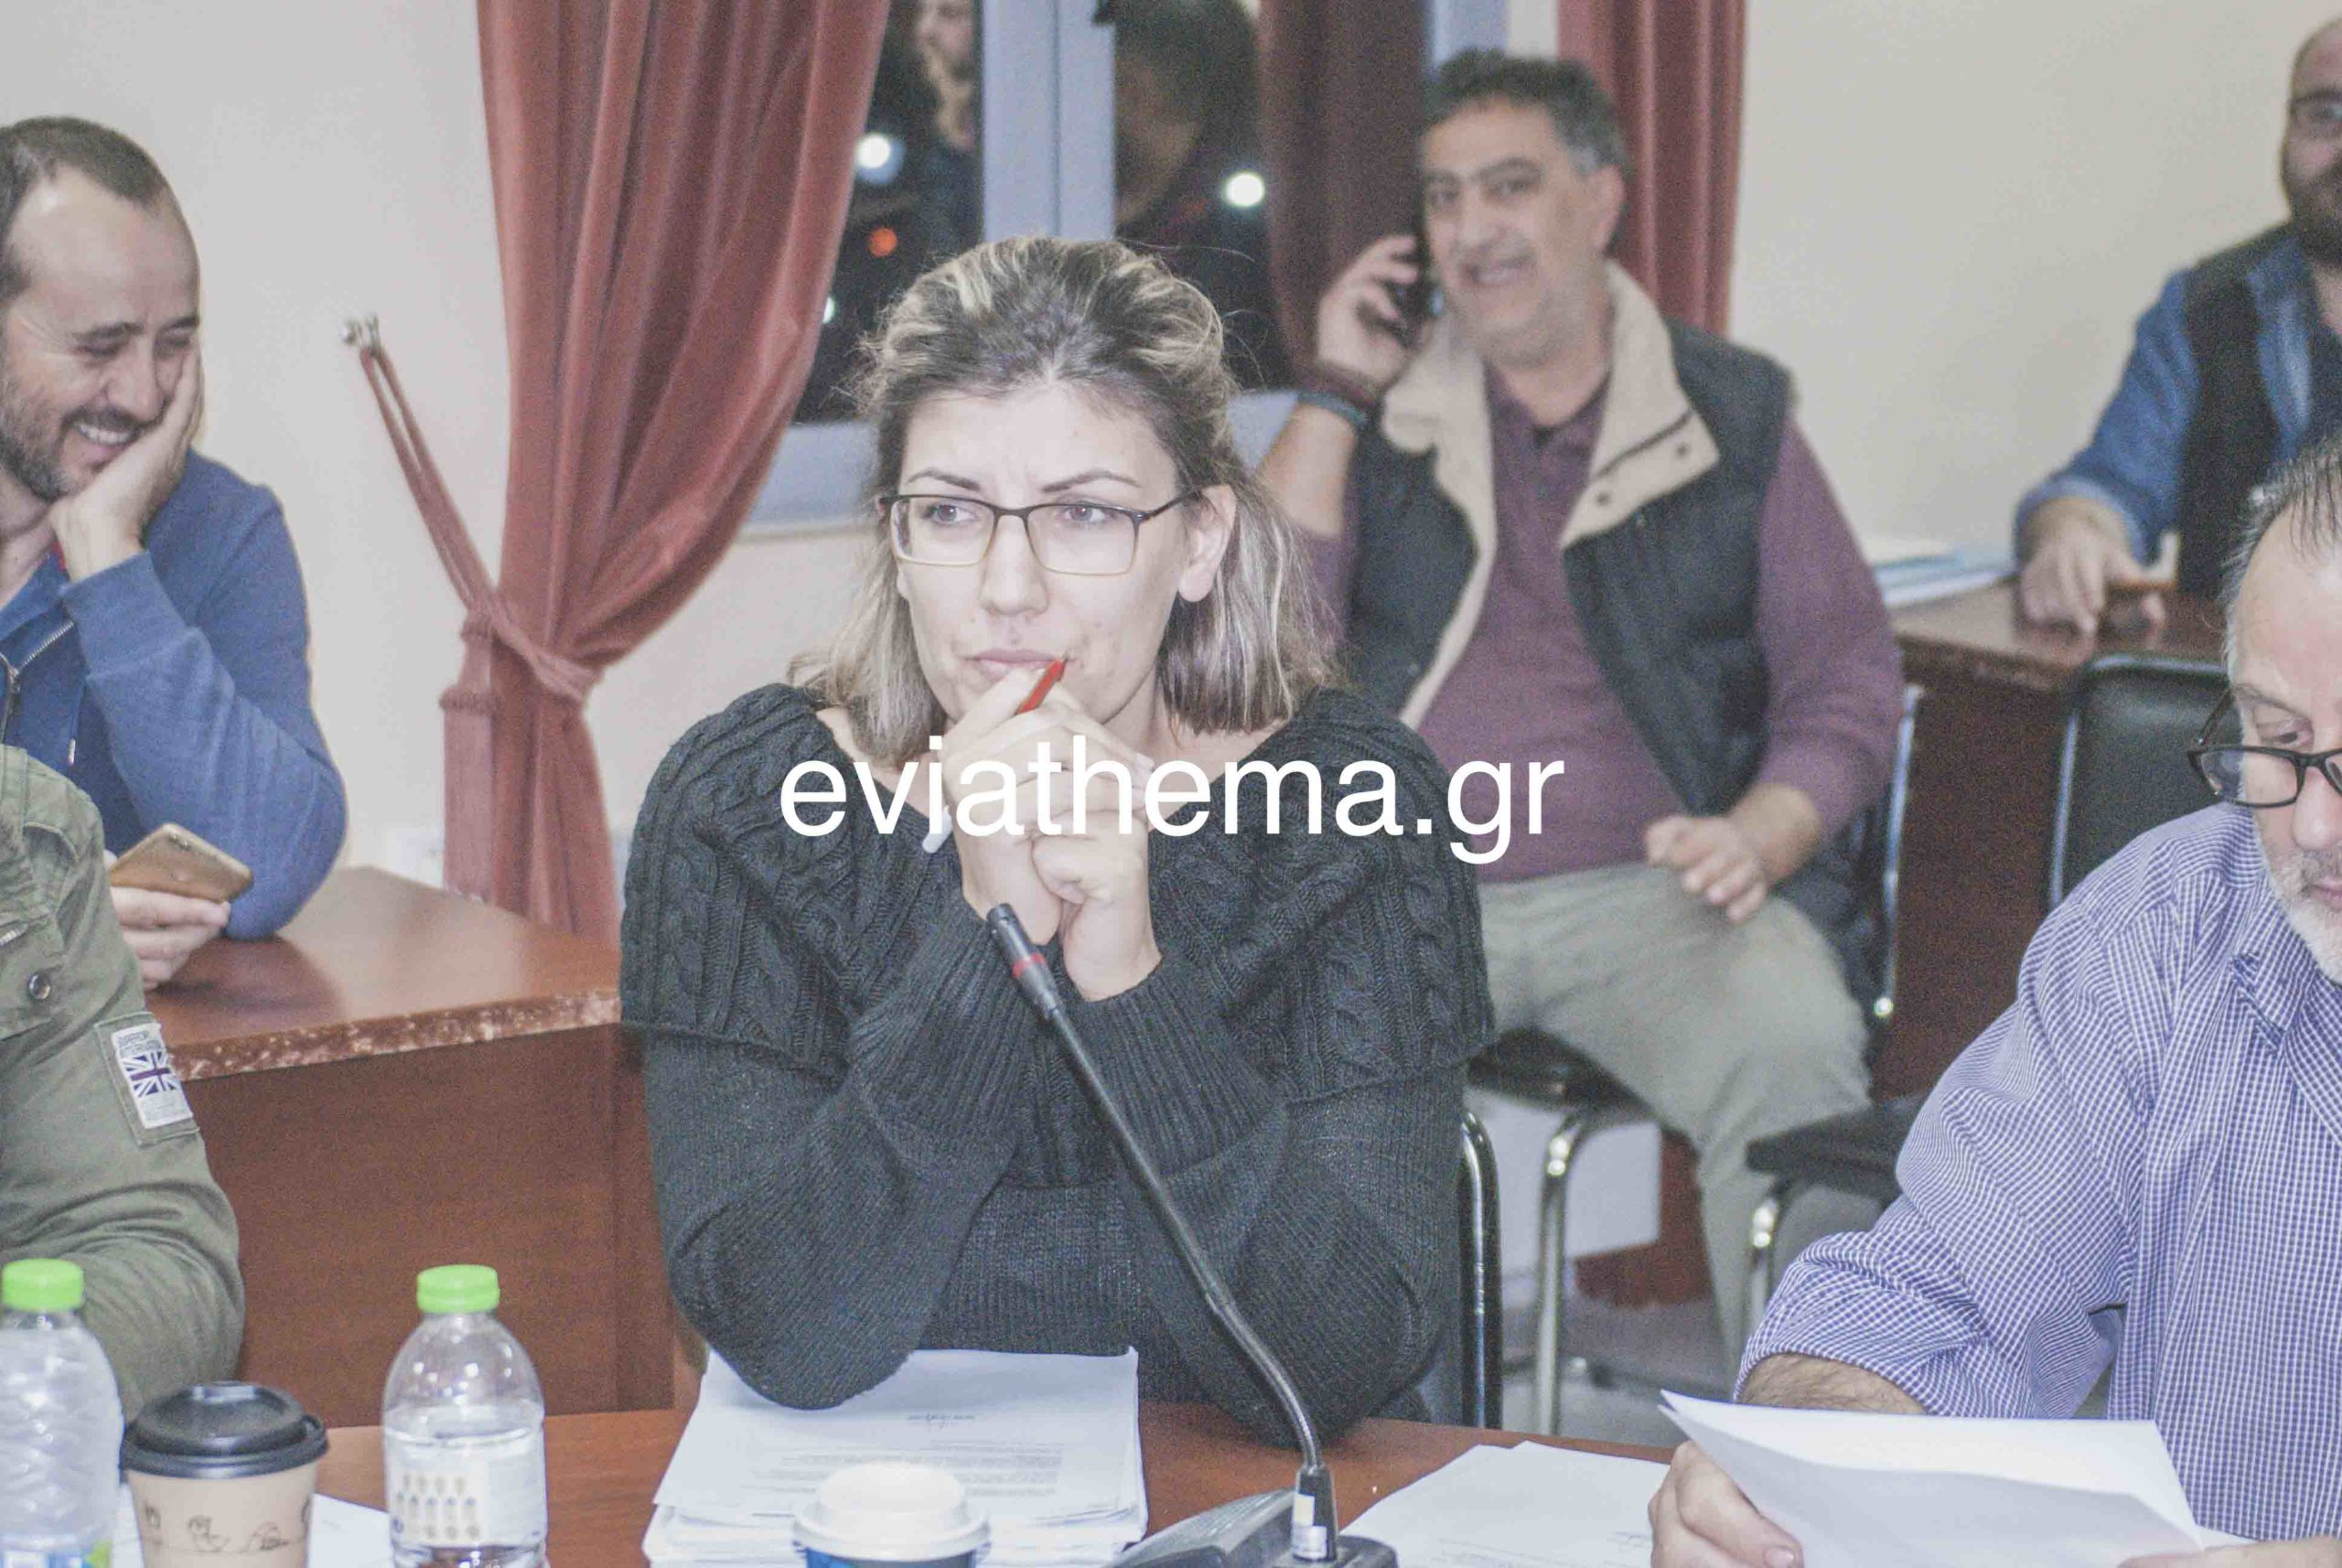 , Πύθουλα: Χρησιμοποιείς φασιστικές μεθόδους κύριε Ραπτάκη, Eviathema.gr   ΕΥΒΟΙΑ ΝΕΑ - Νέα και ειδήσεις από όλη την Εύβοια